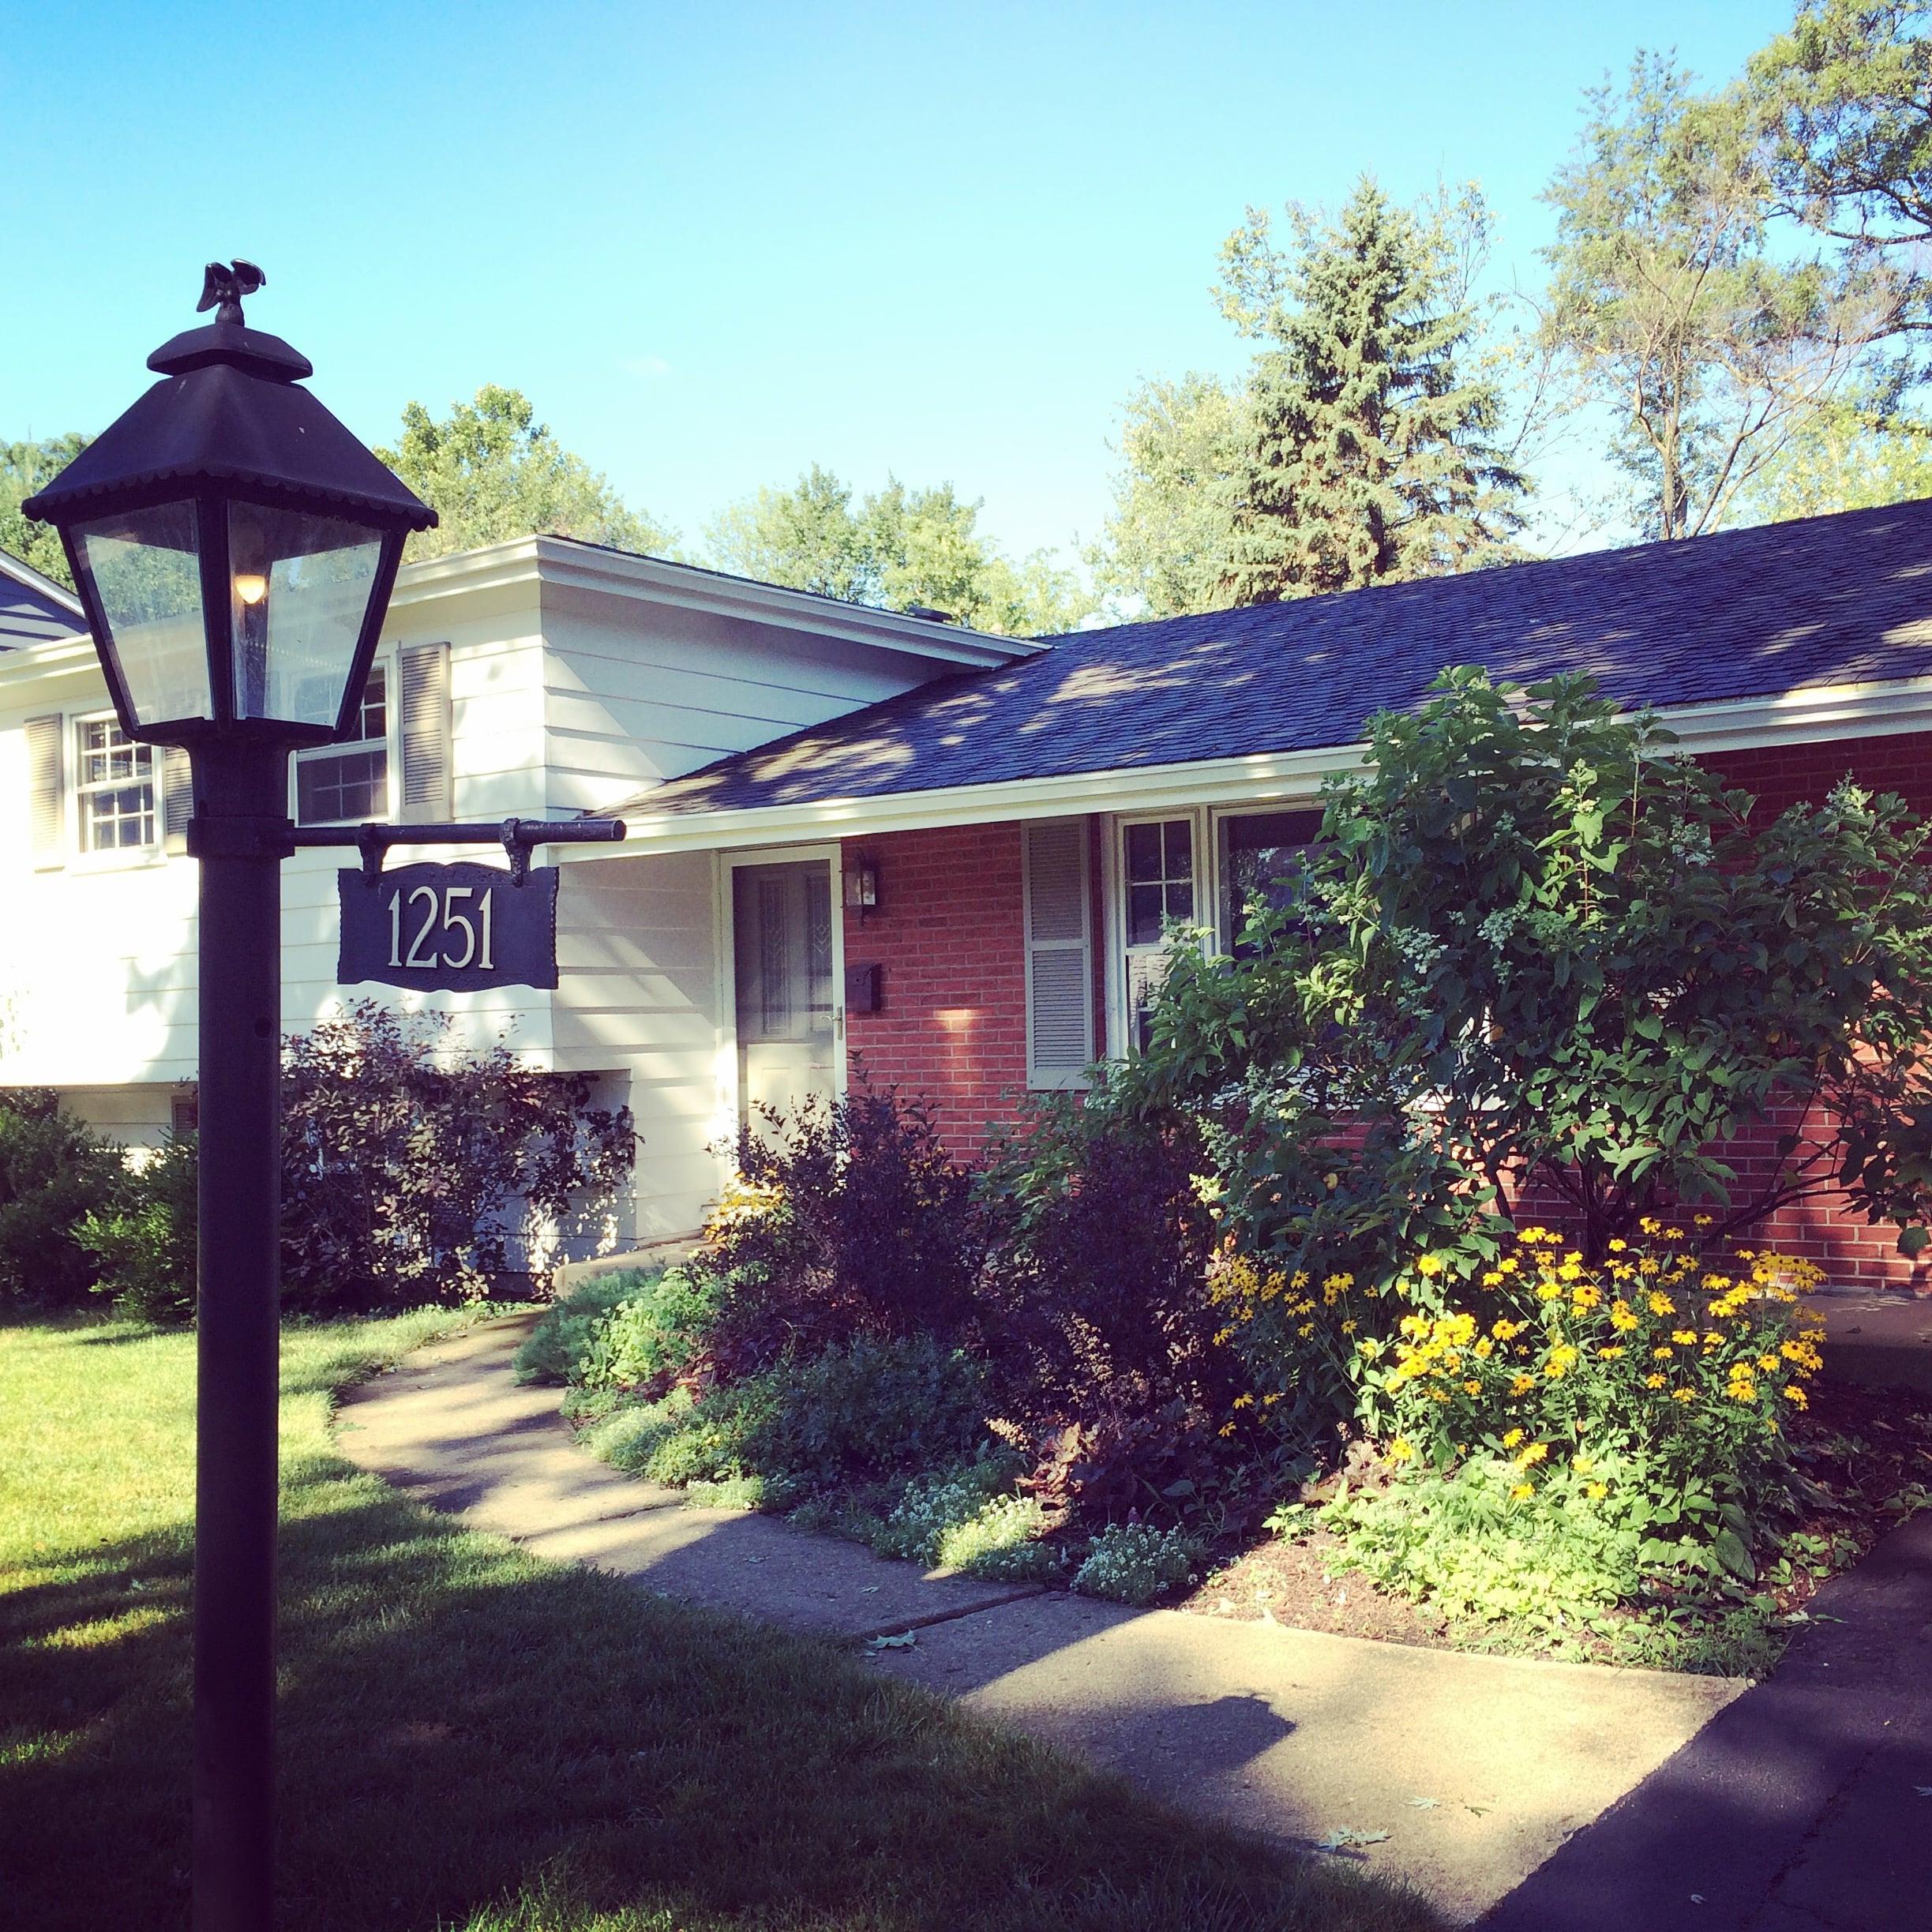 Our new home - Wheaton, IL